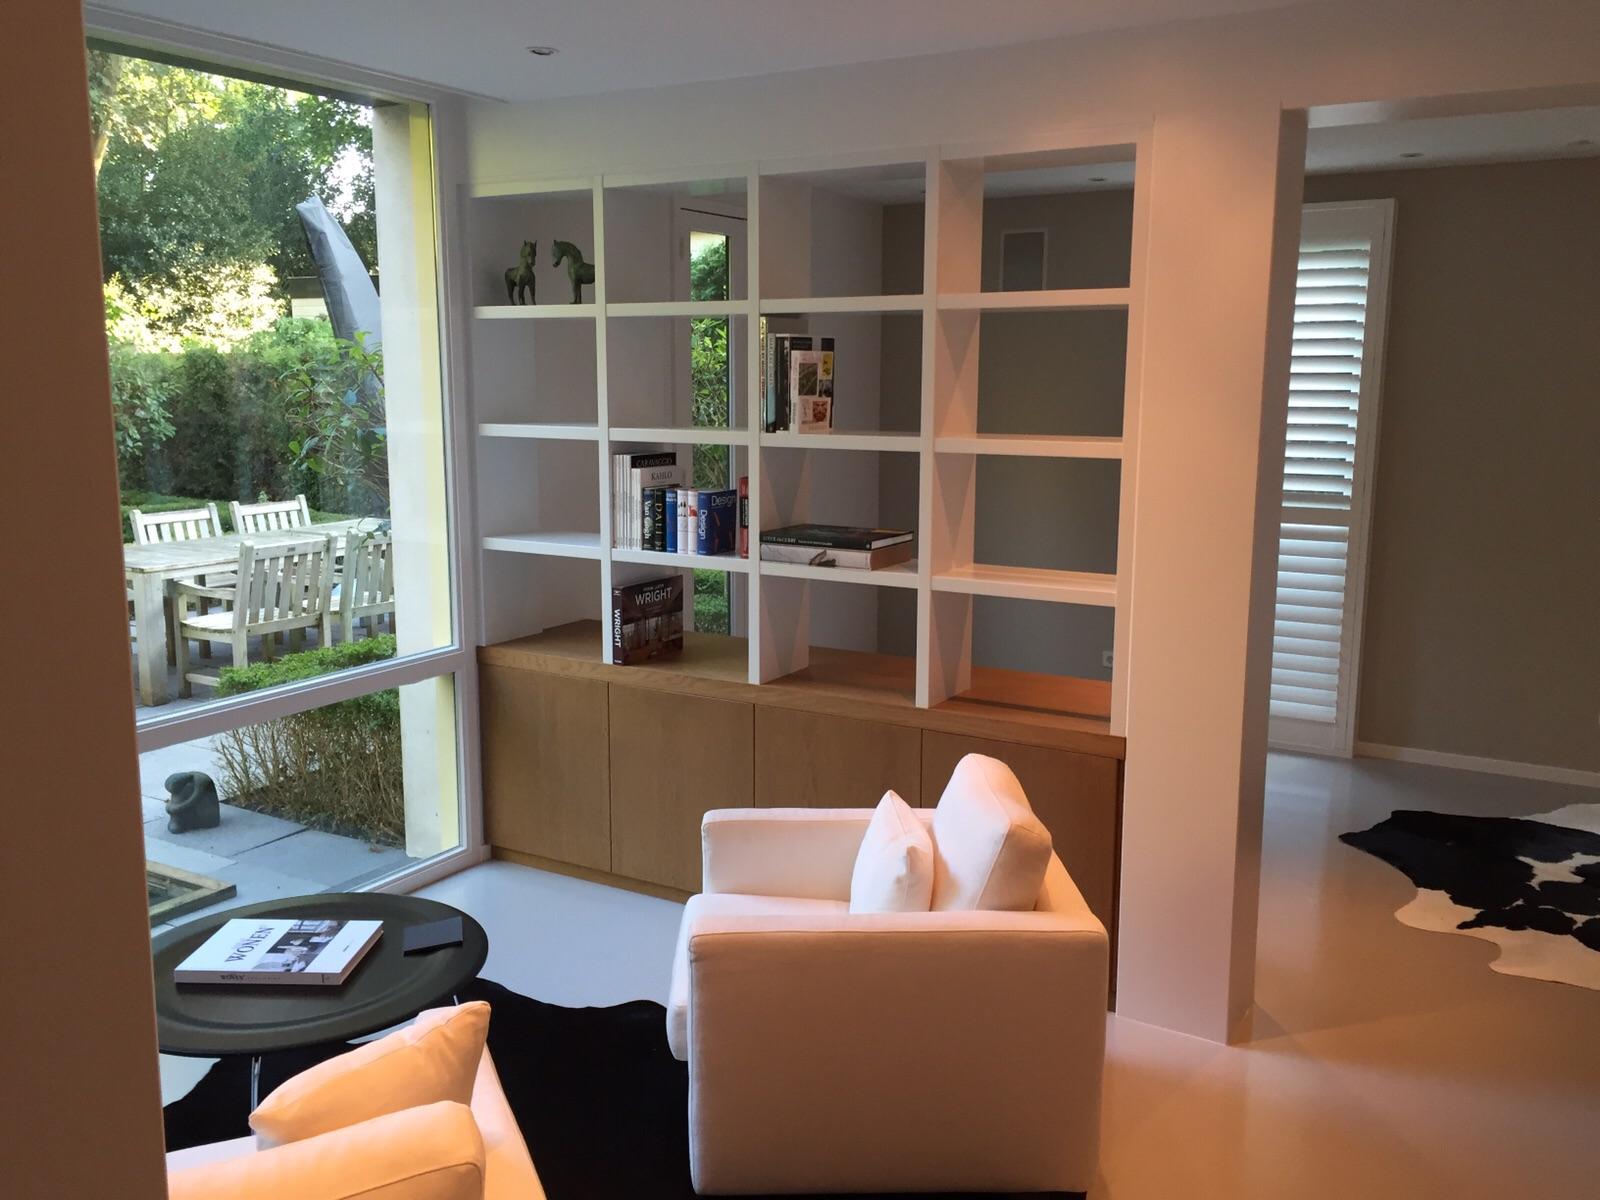 Kastenwand en bureau voorkant meubelmakerij van diemen